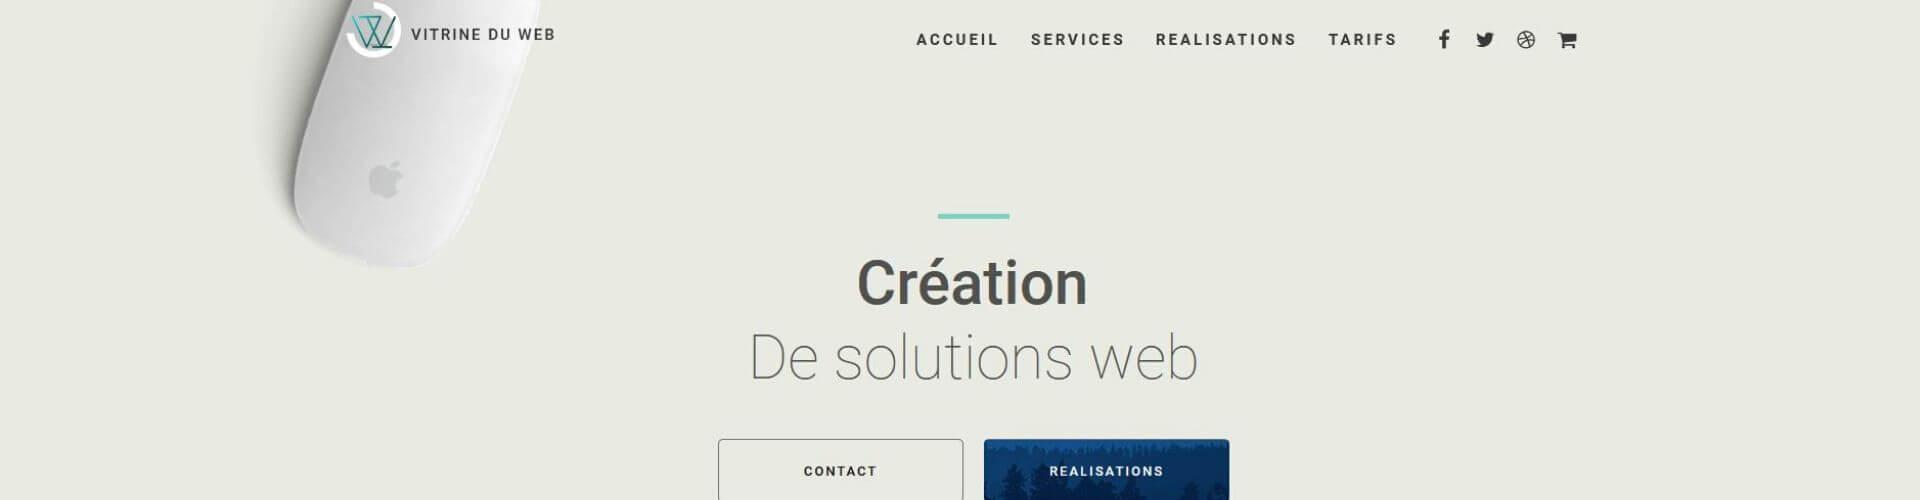 Vitrine du Web